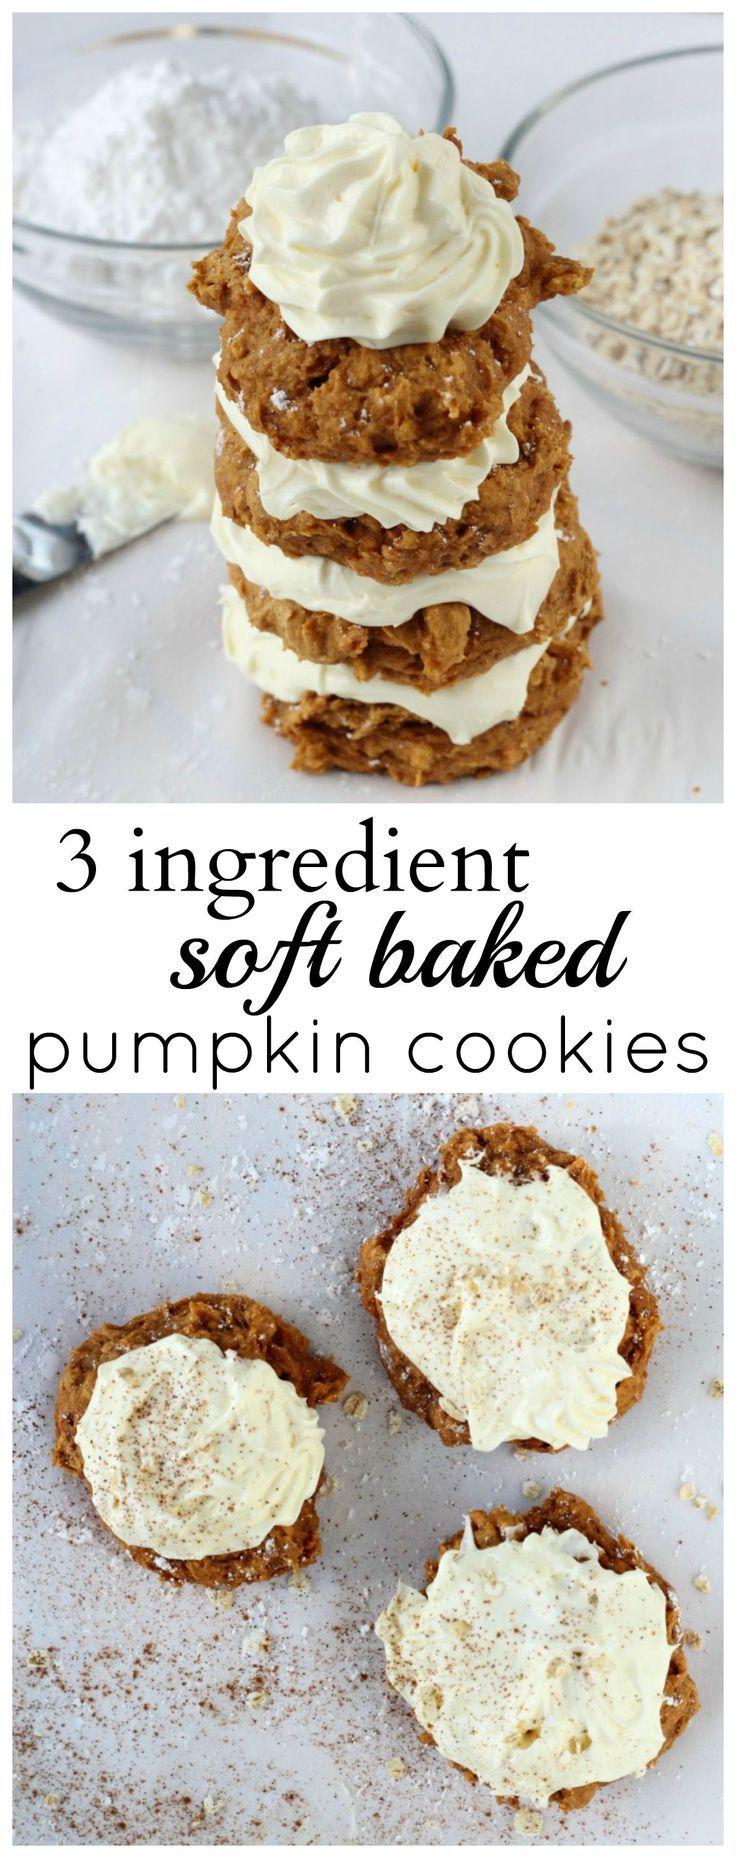 3 Ingredient Soft Pumpkin Cookies #pumpkinpureerecipes